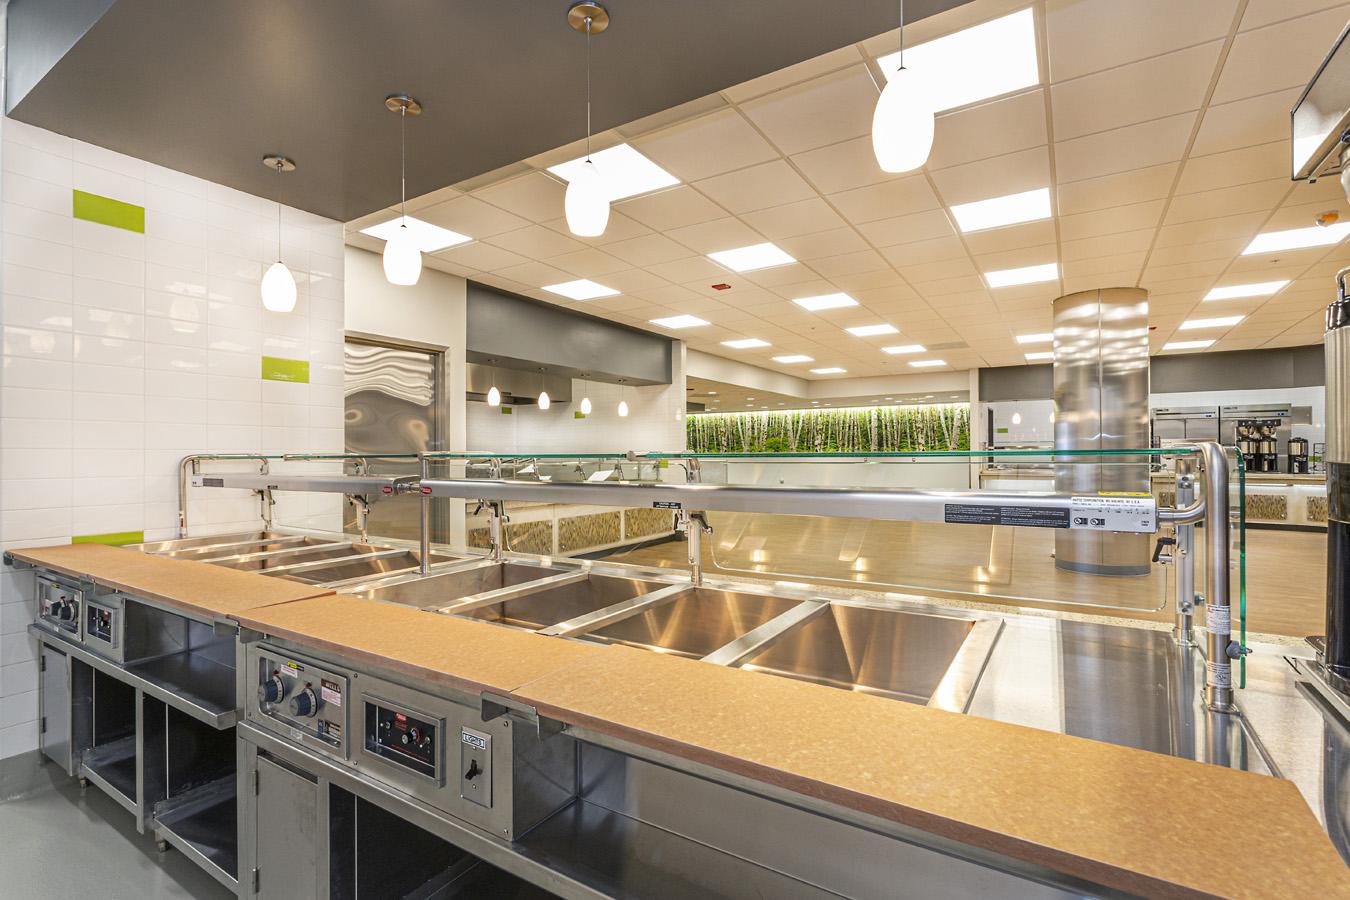 VAMC WLA Canteen Food Service